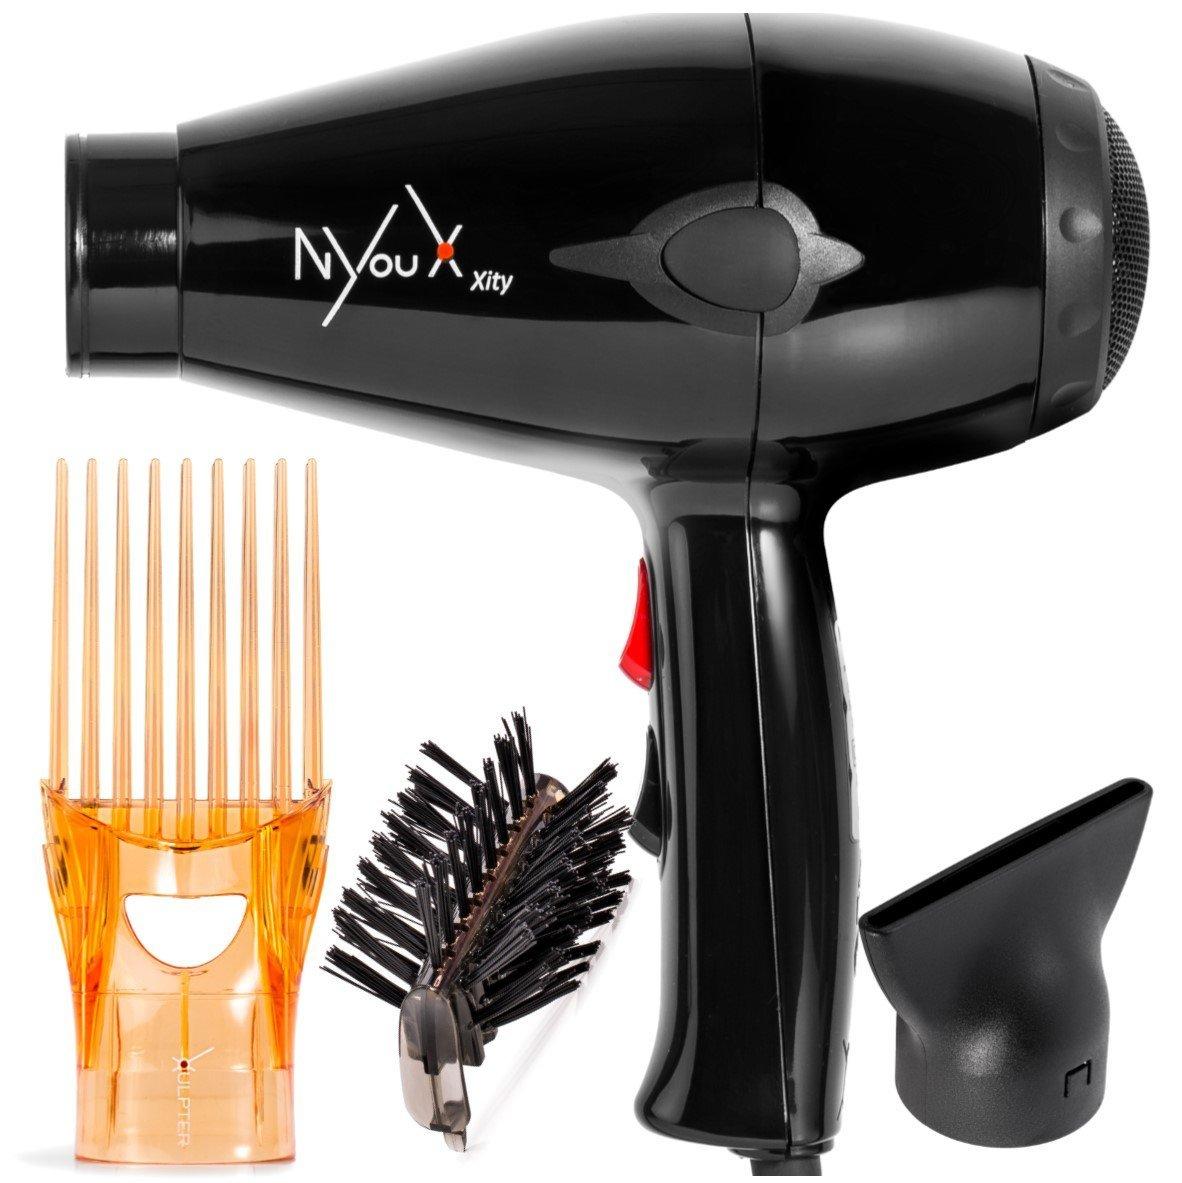 Sèche-cheveux efficace pour le brushing